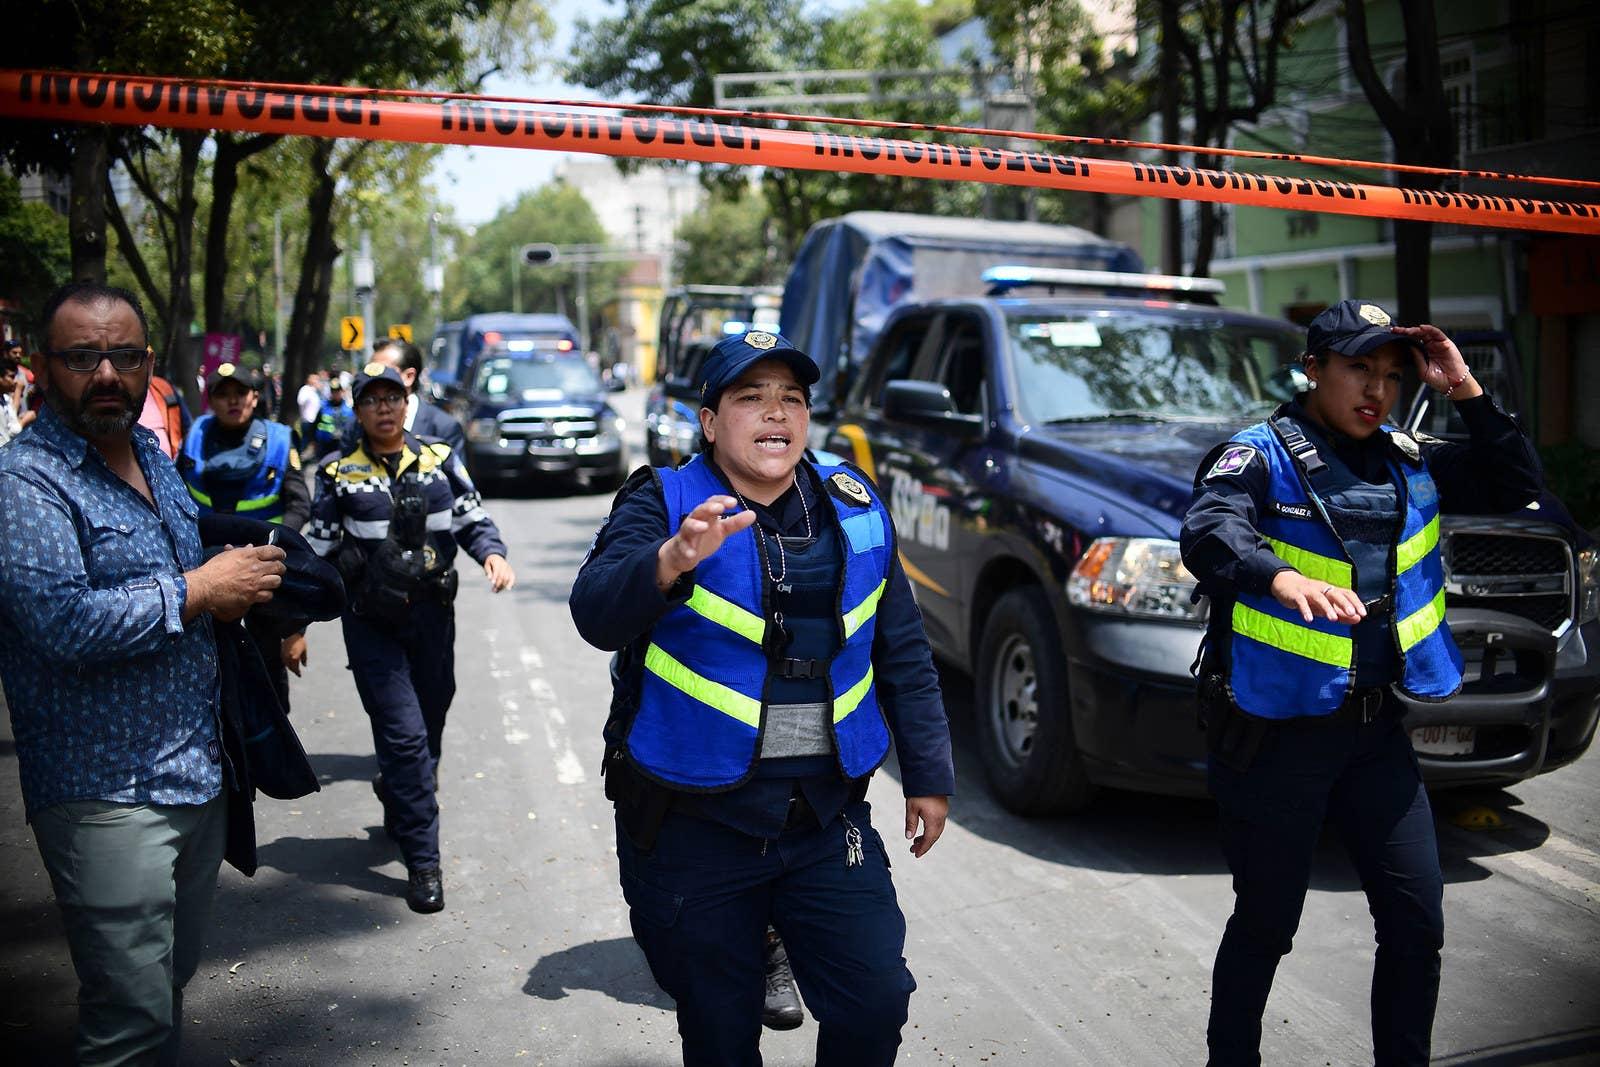 Oficiales de policía acordonan el área luego de que un edificio colapsara.